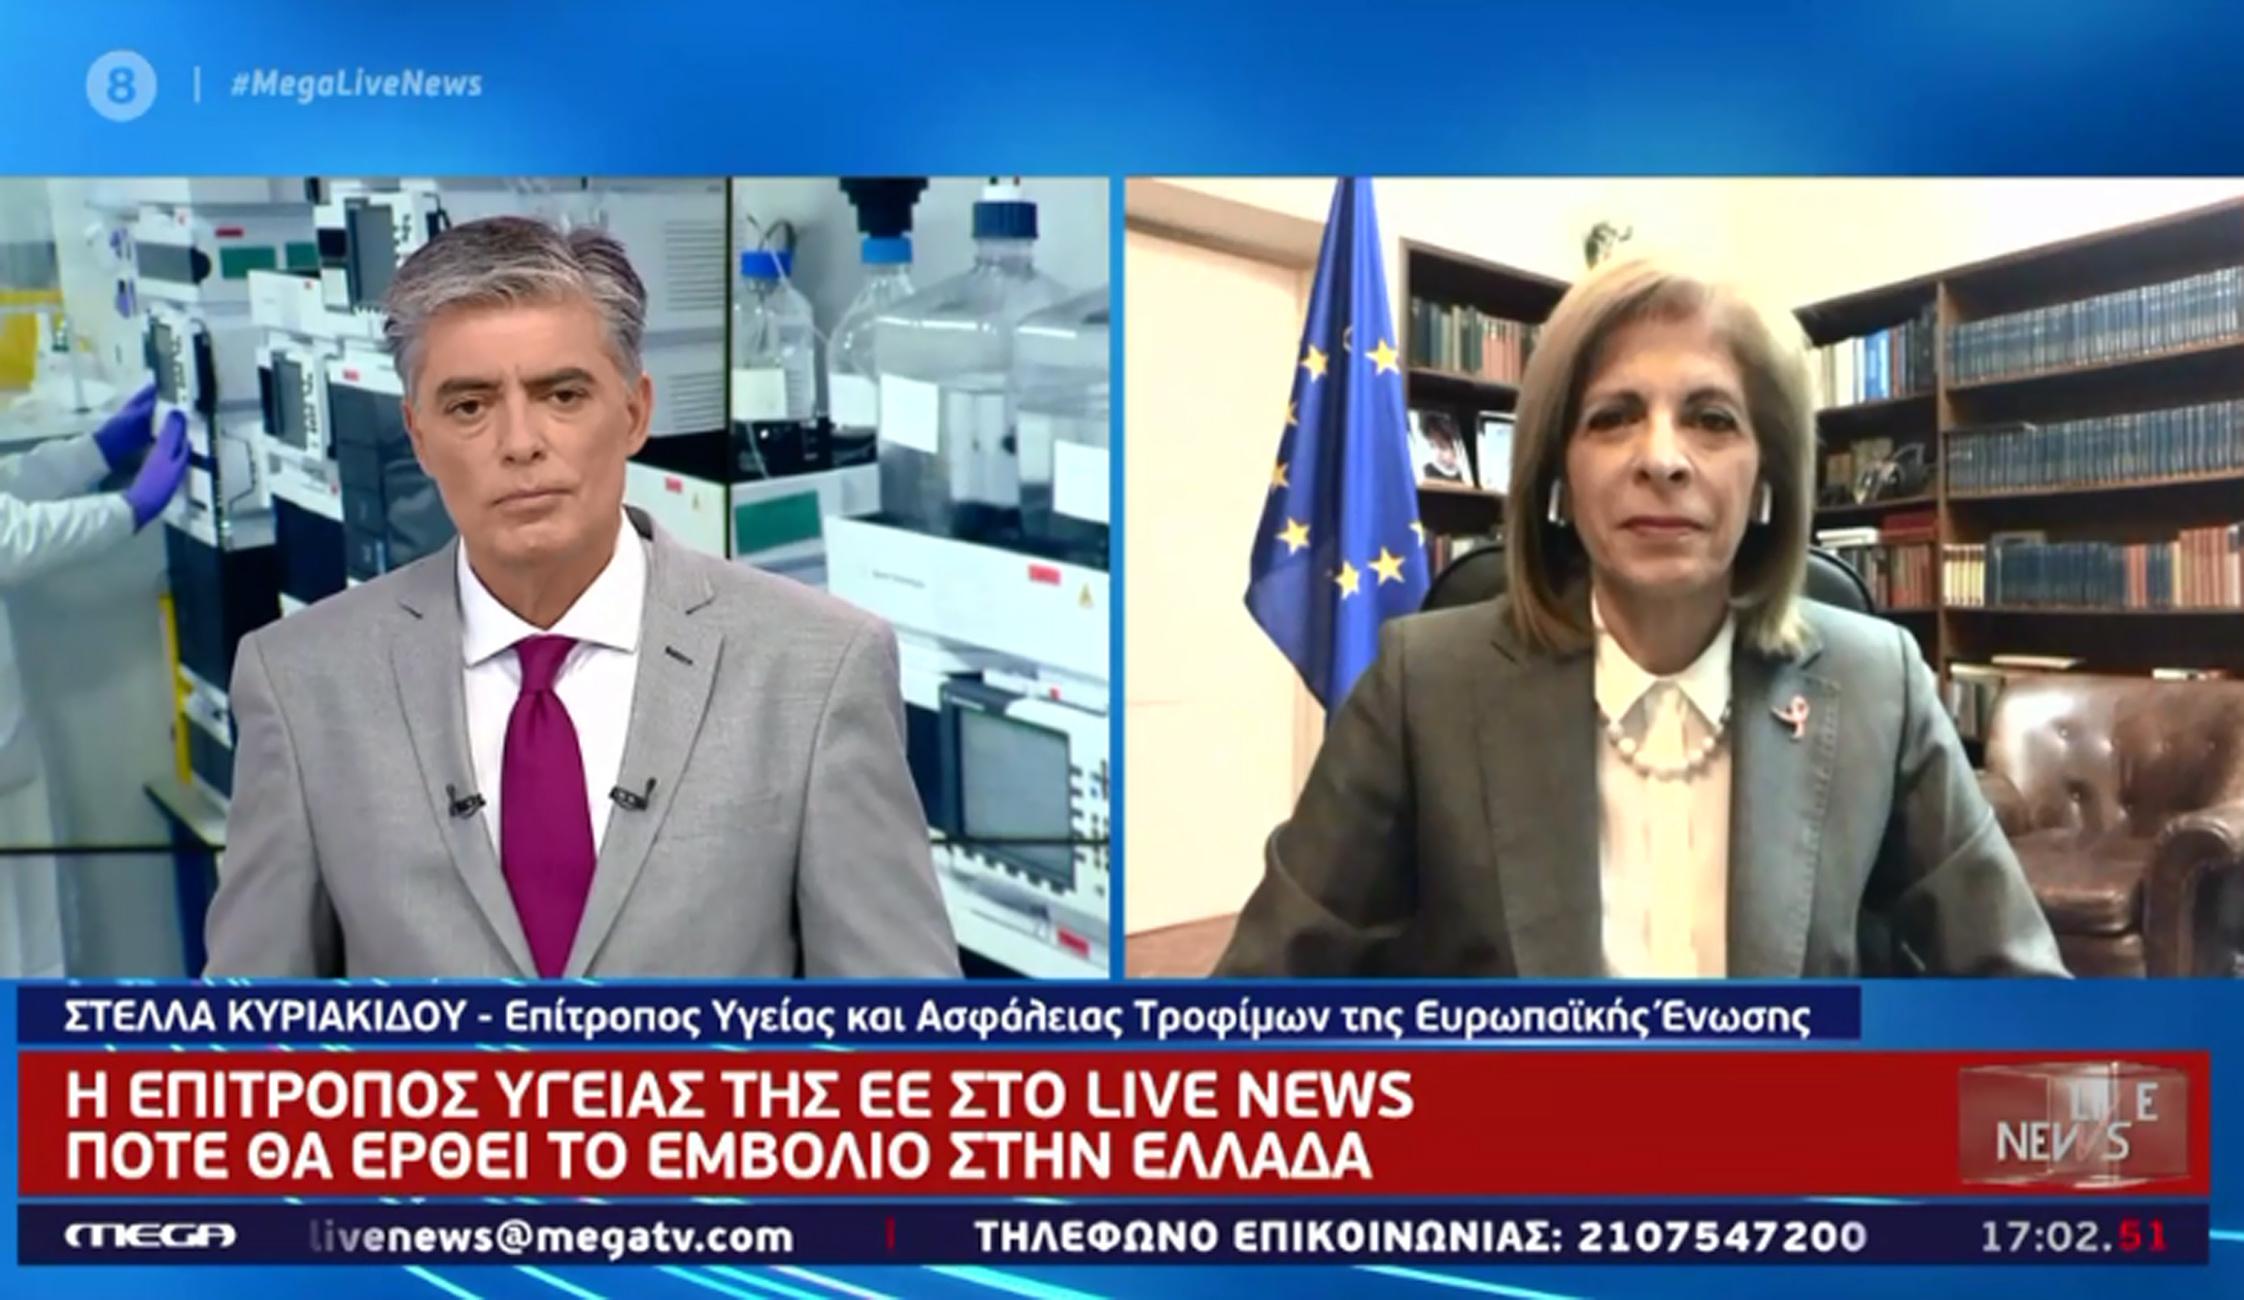 Εμβόλιο κορονοϊού: Πότε θα πάρει έγκριση από την ΕΕ – Τι απαντά η Επίτροπος Υγείας στο «Live News»